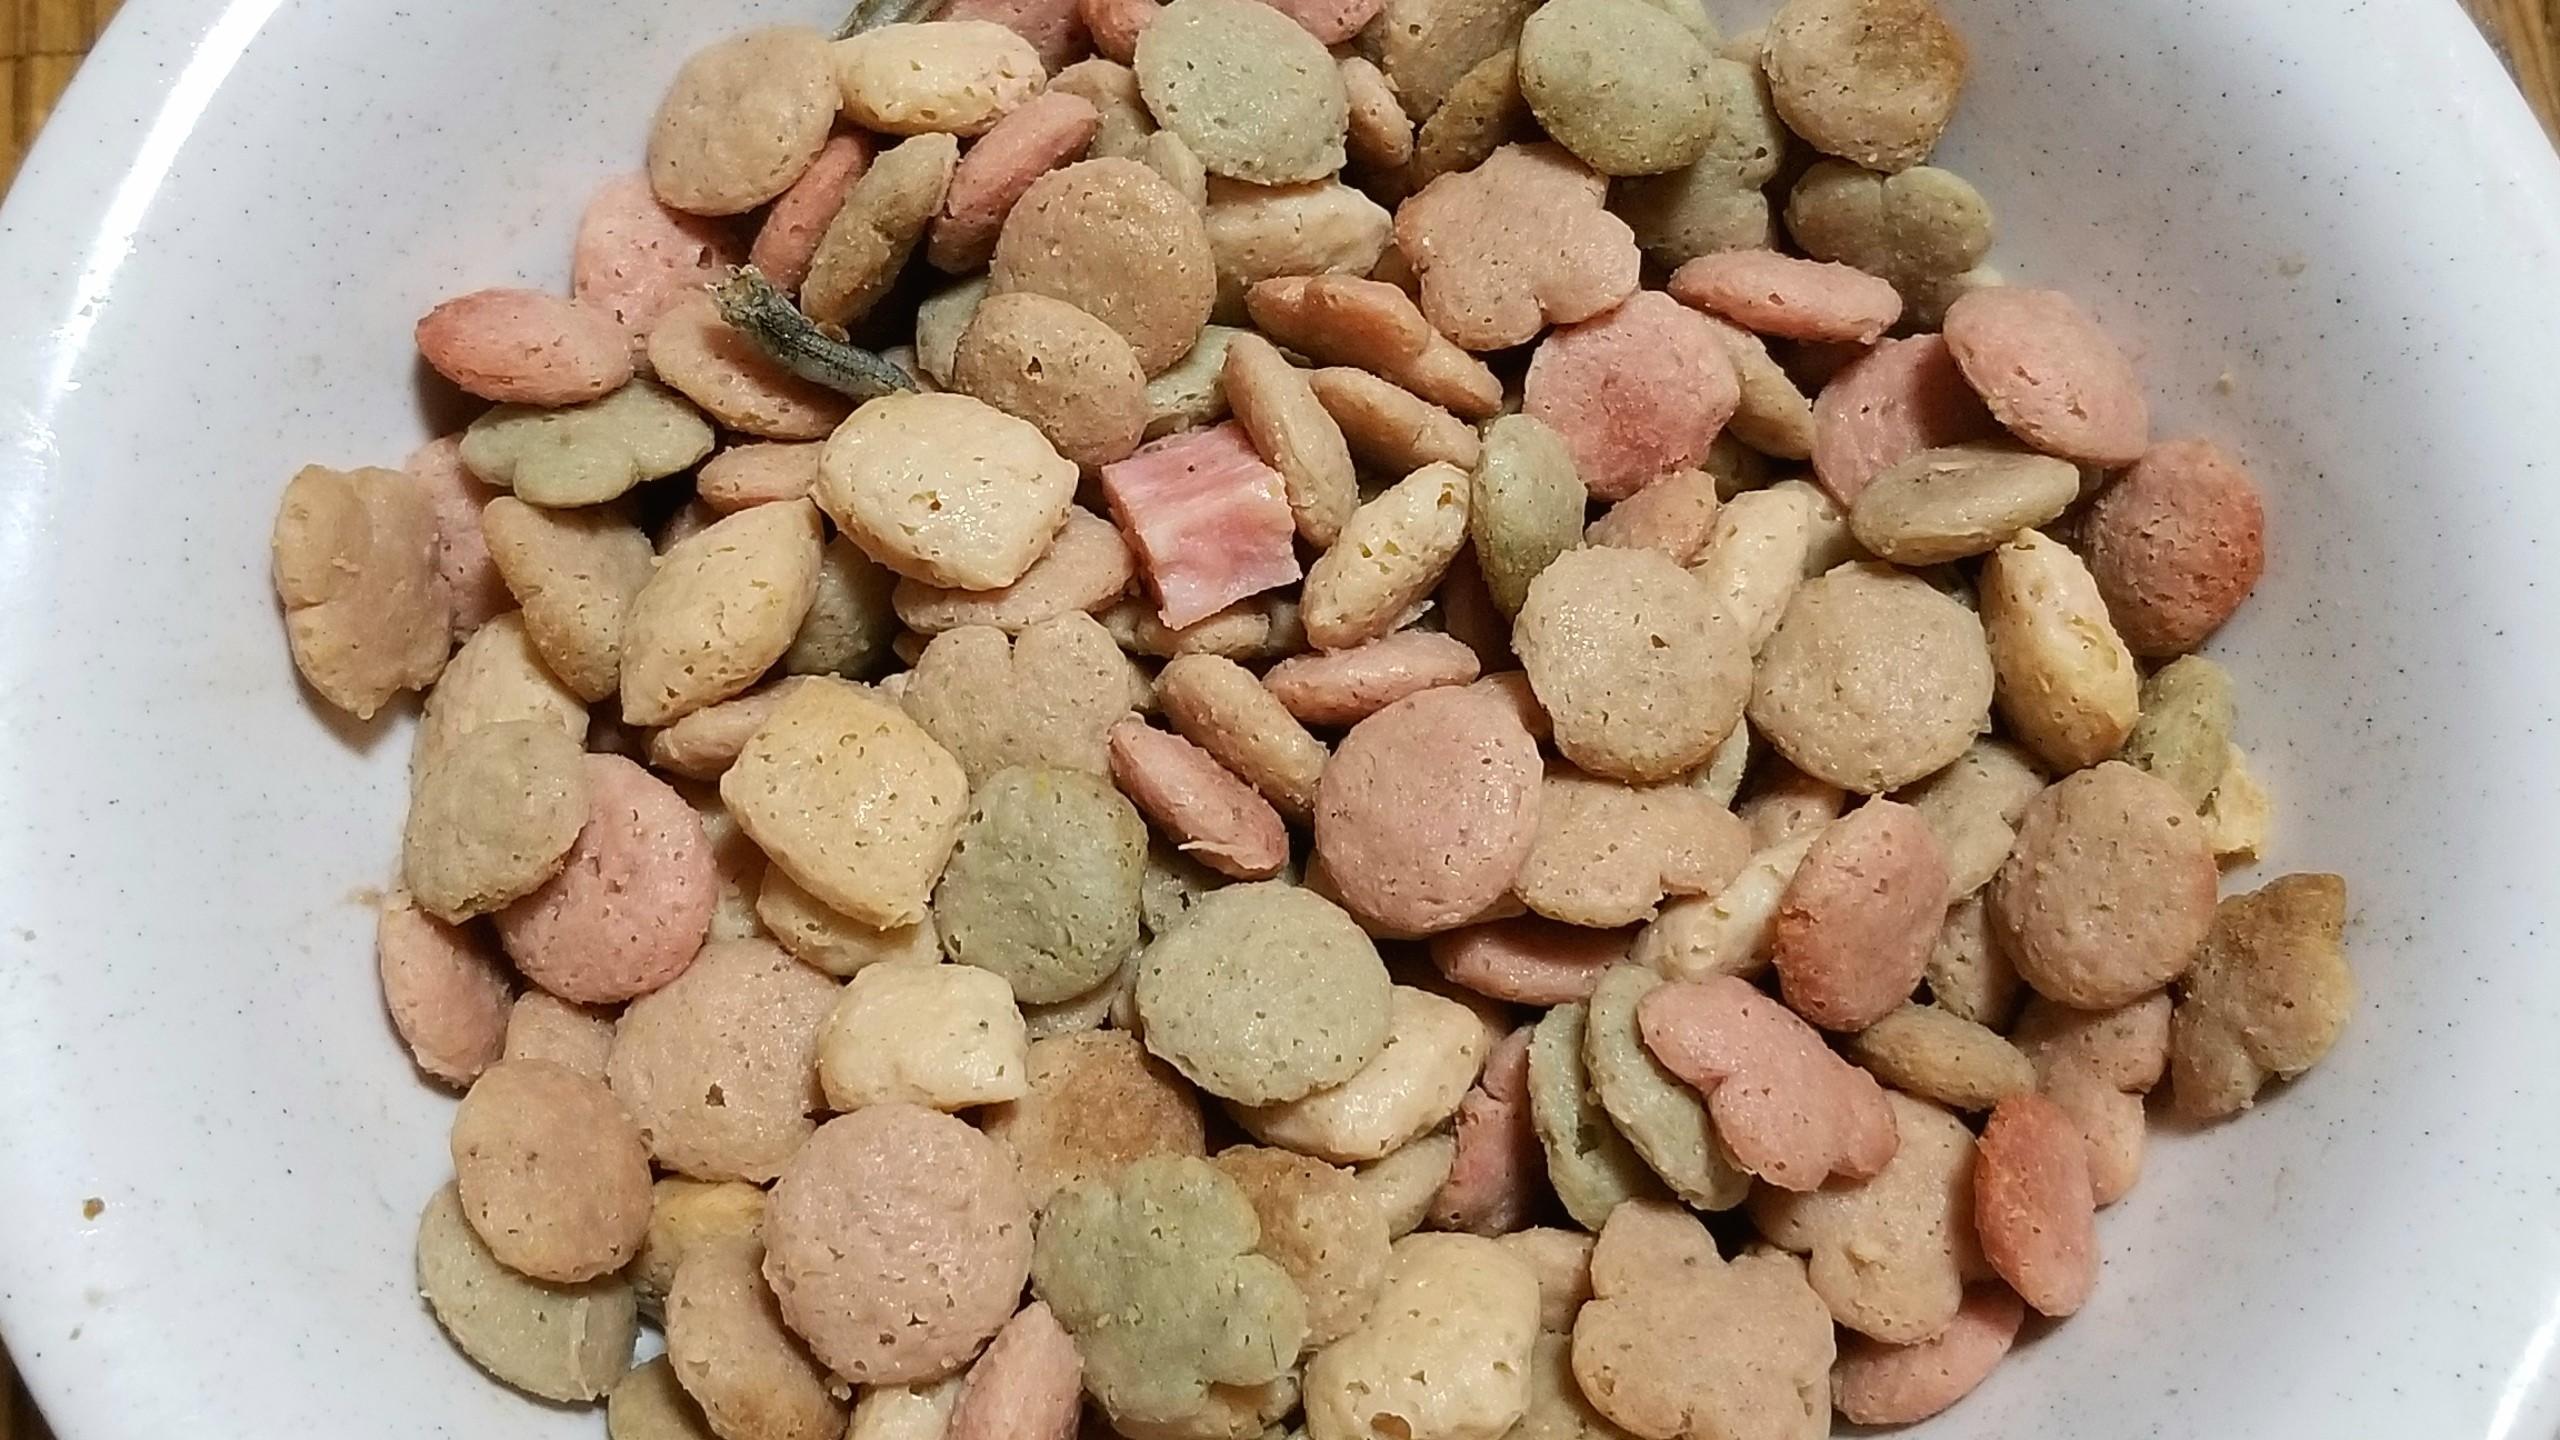 食欲減退,老犬の病気,アレルギー,食事,ドッグフード,食べない,対処